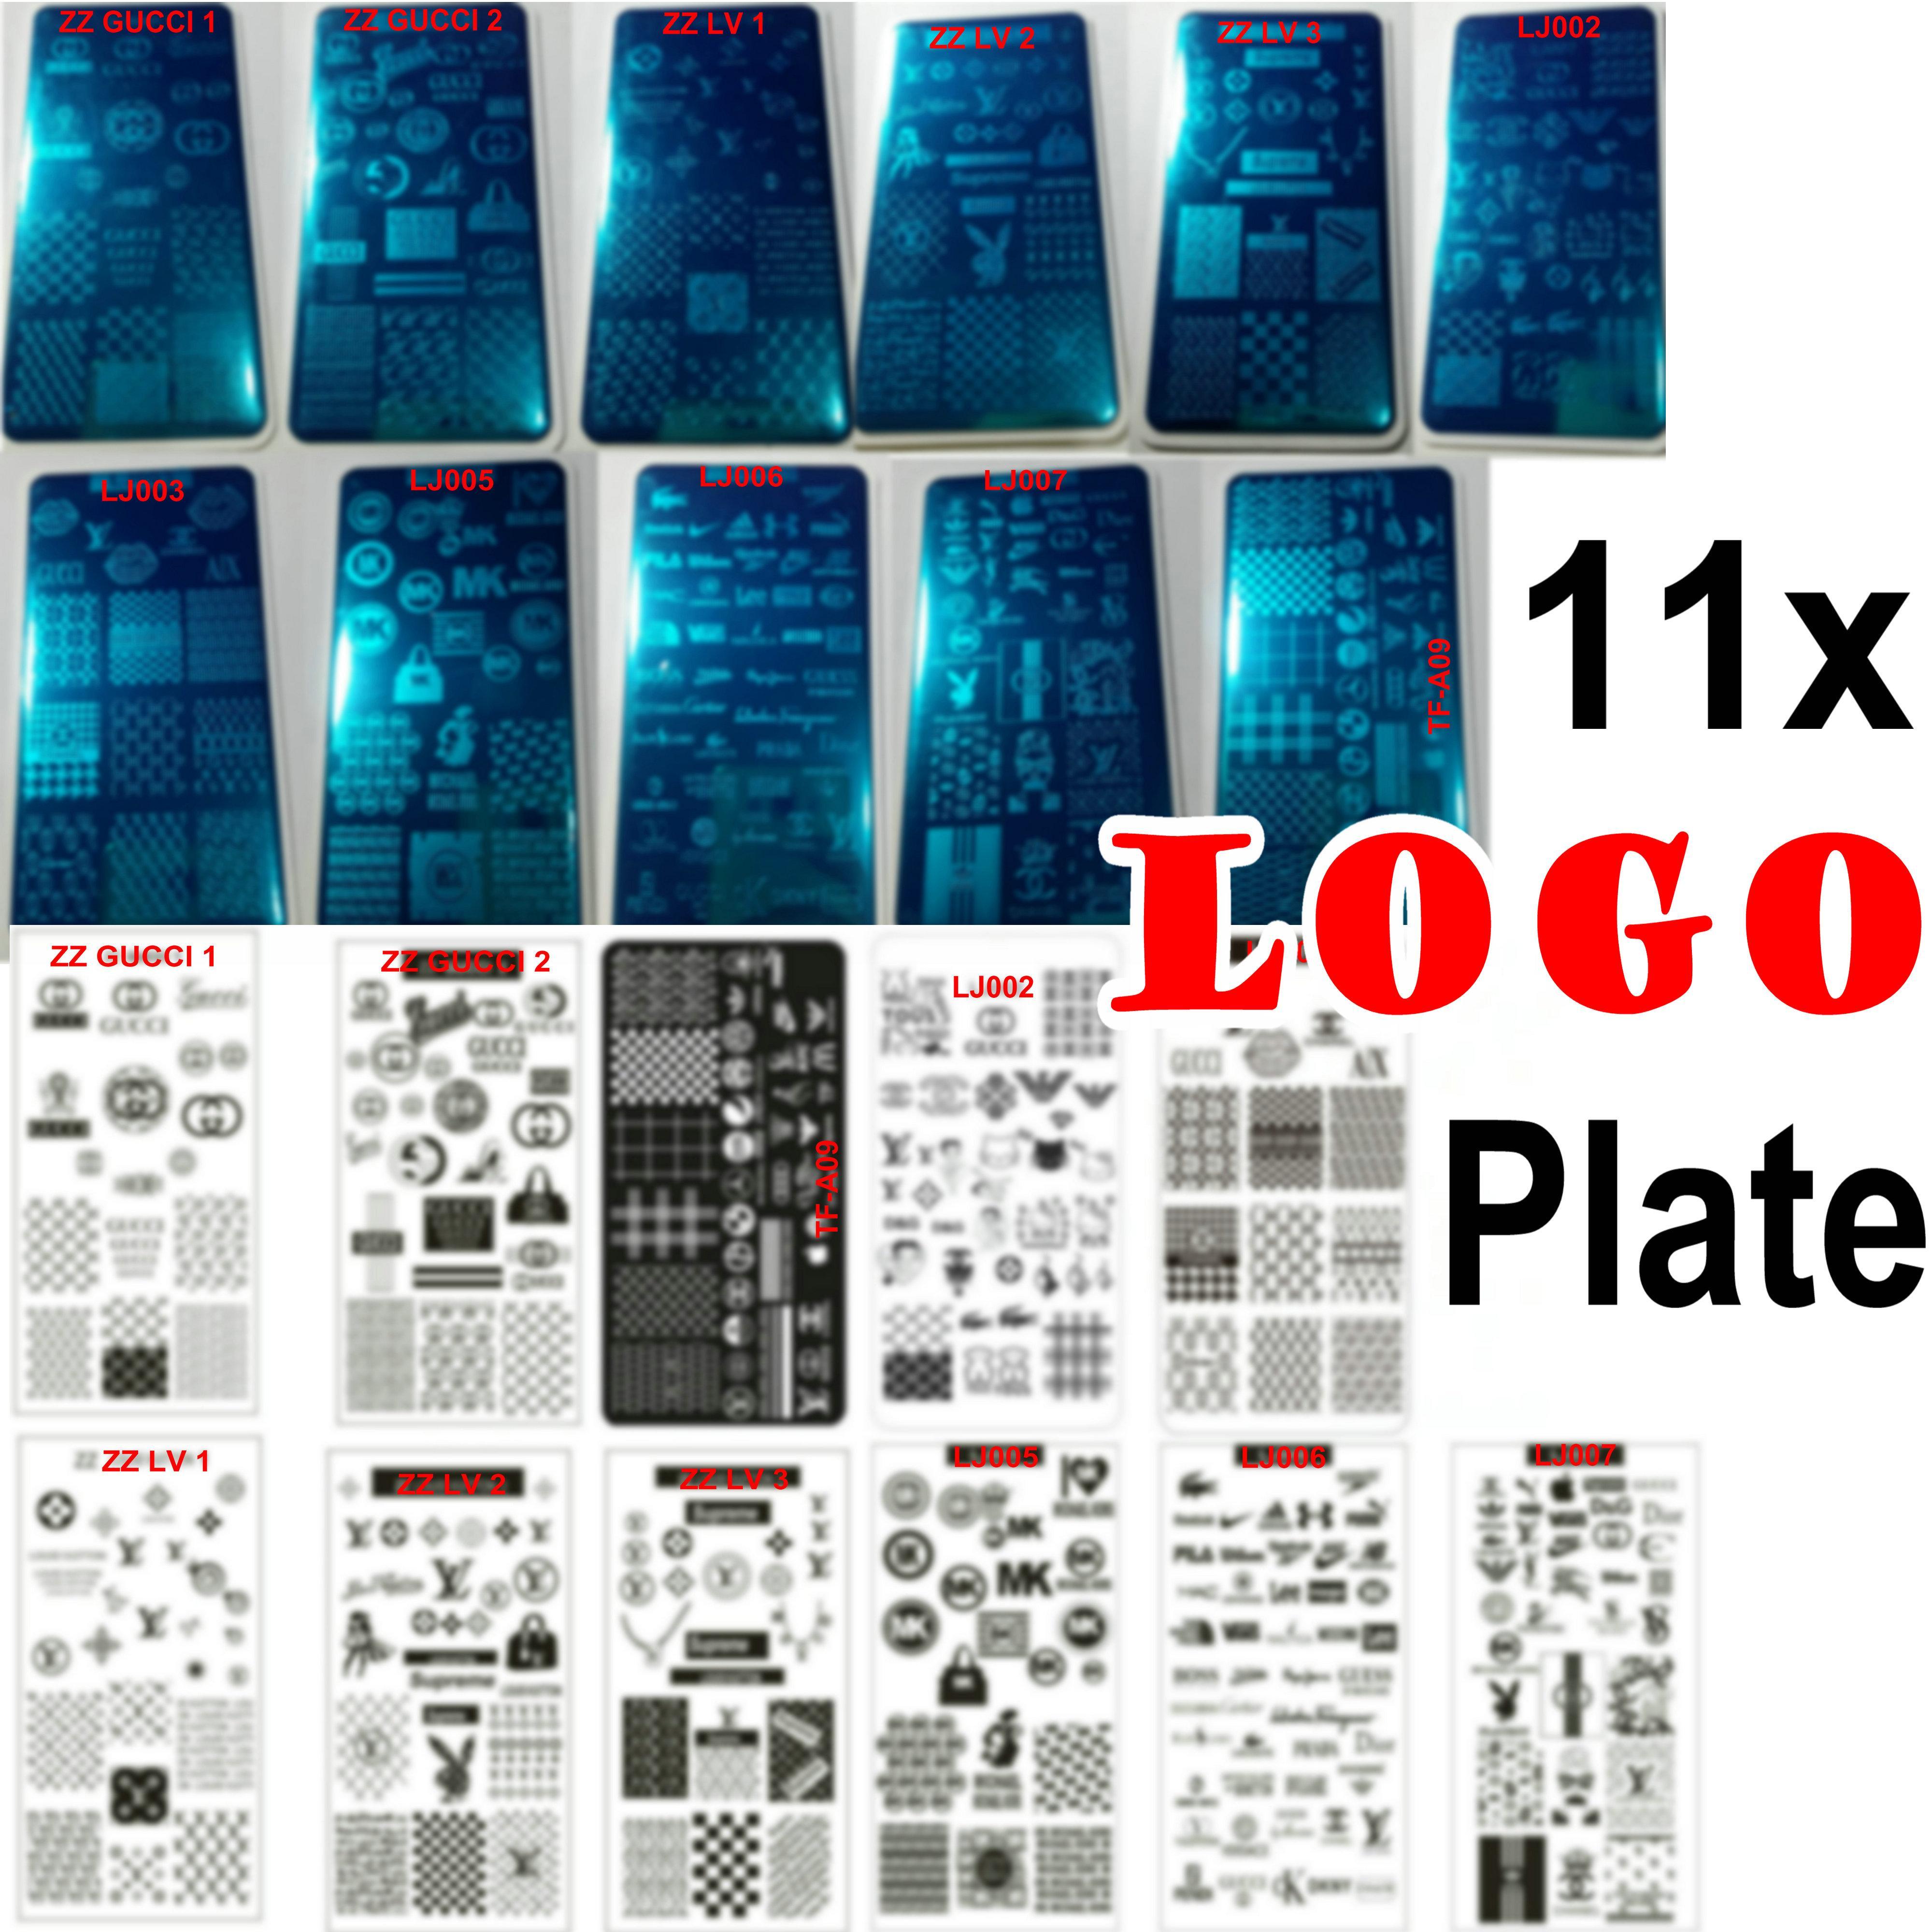 11 stücke Big lo Go Marken Design Nail art Stamping Platte Stempel Vollständig Französisch Bild Metallschablettübertragung Polnische Druckvorlage mit Kunststofffolie